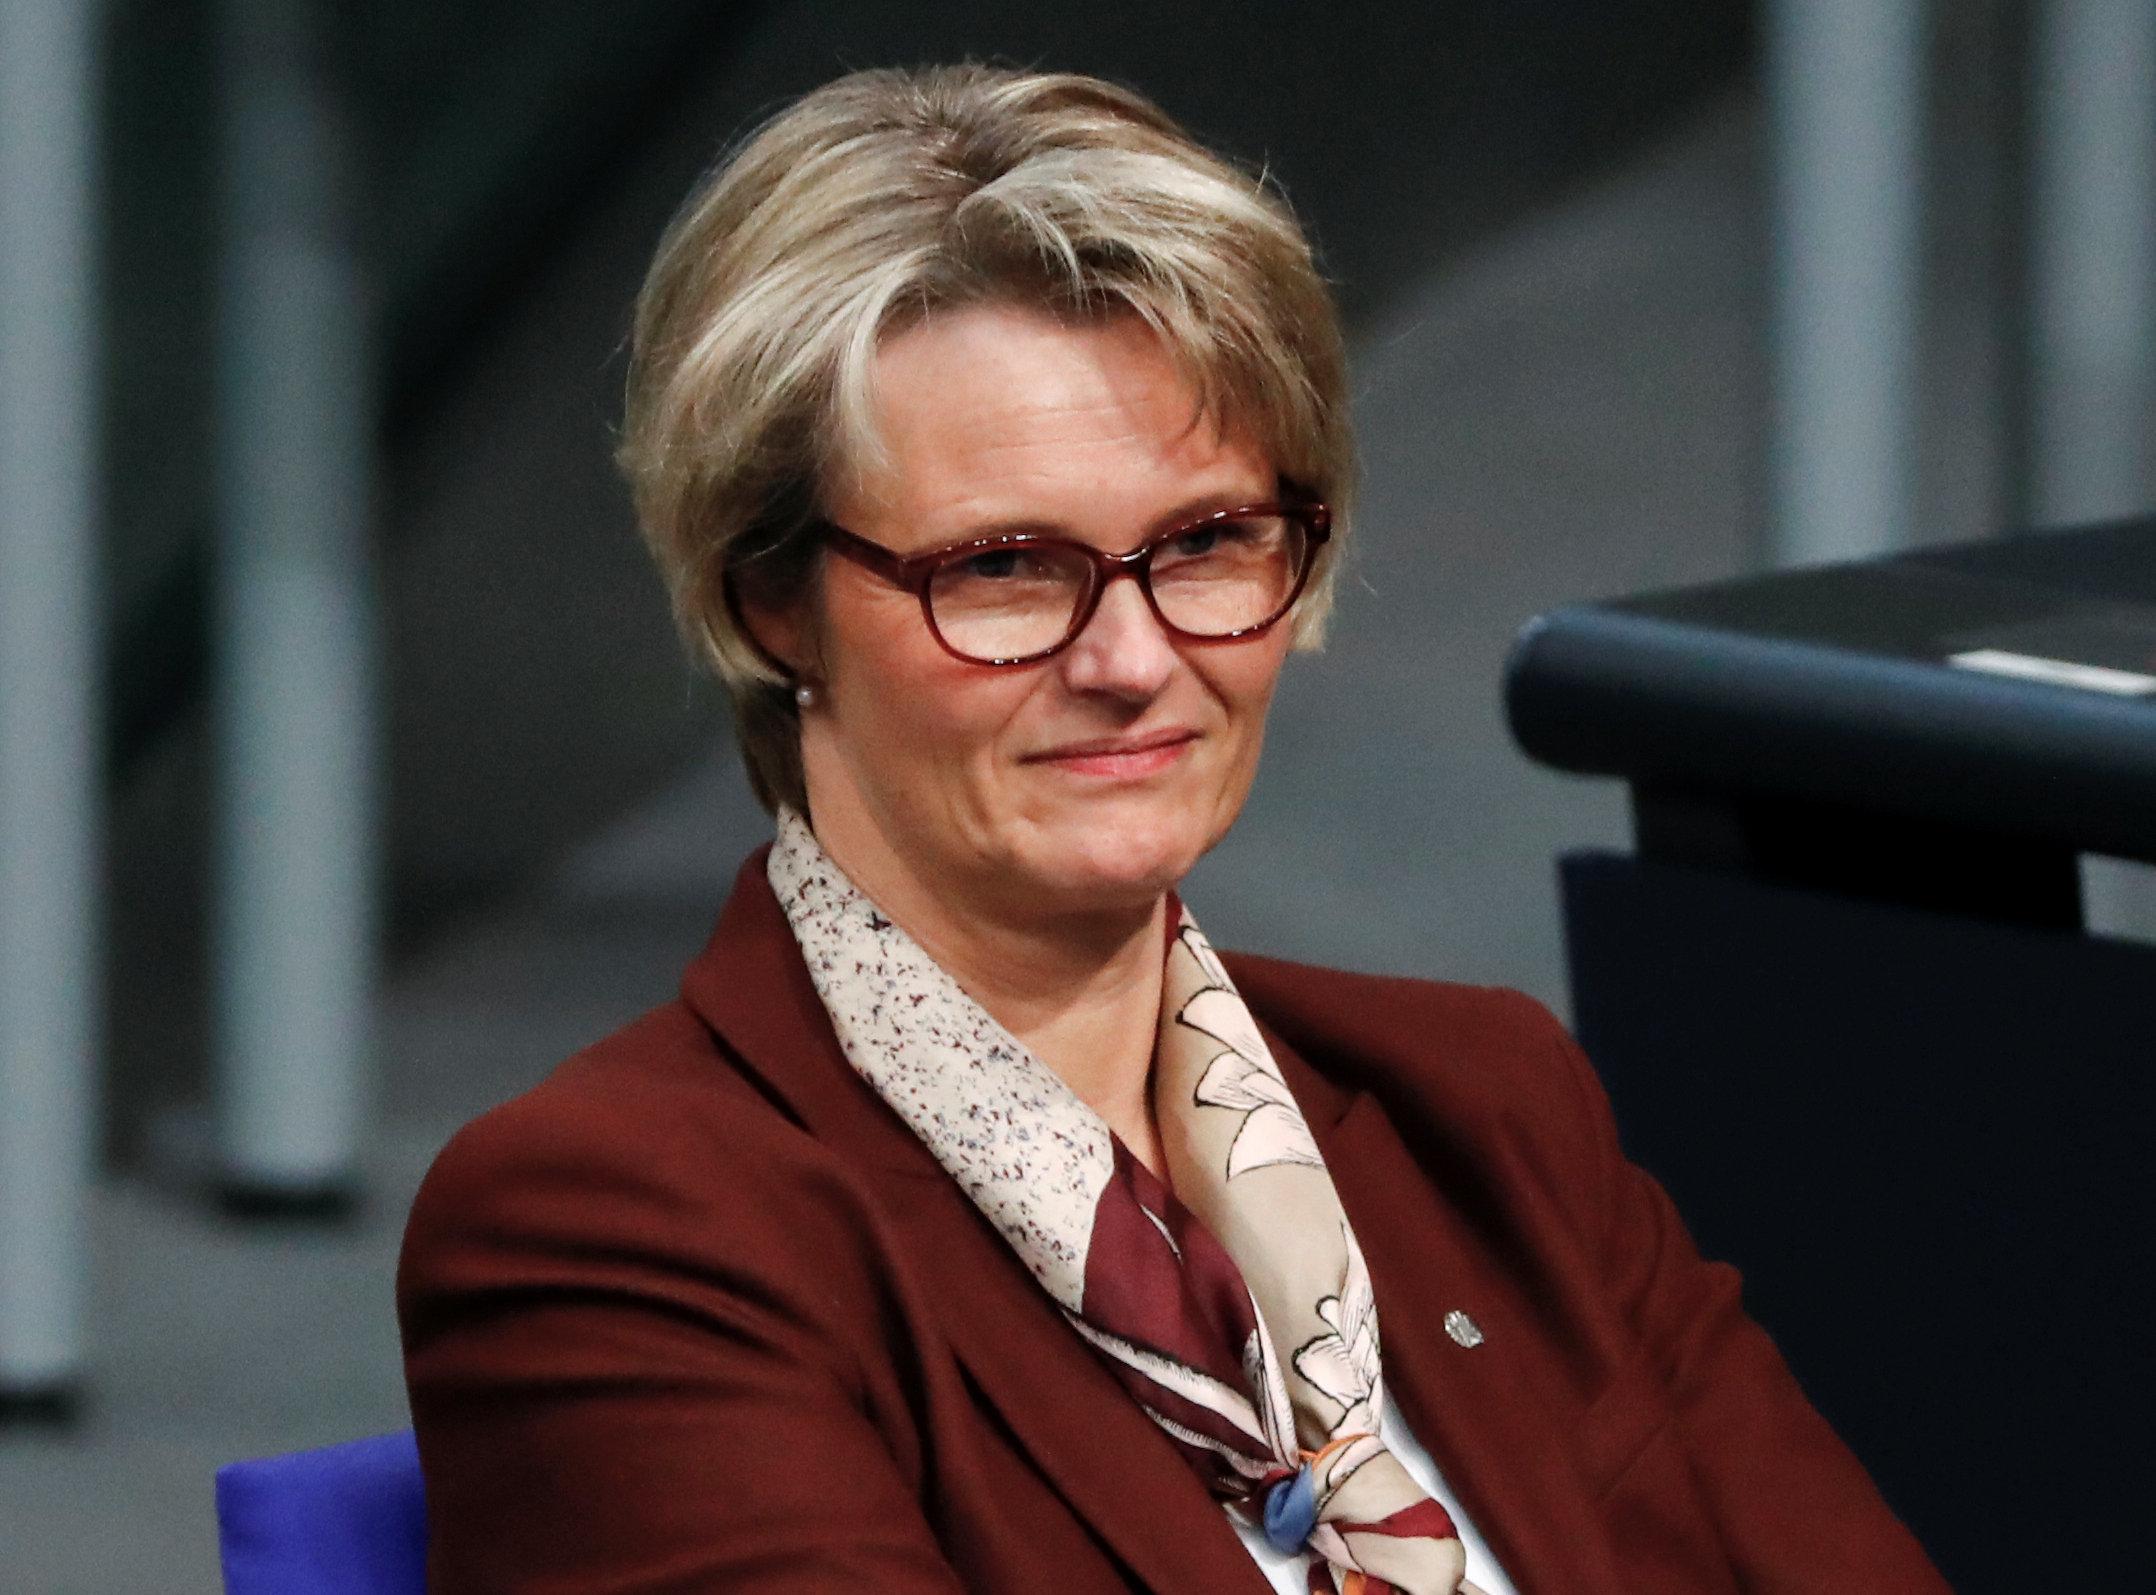 Ehe für alle: Ministerin fordert Studie zu Kindeswohl –und sorgt für